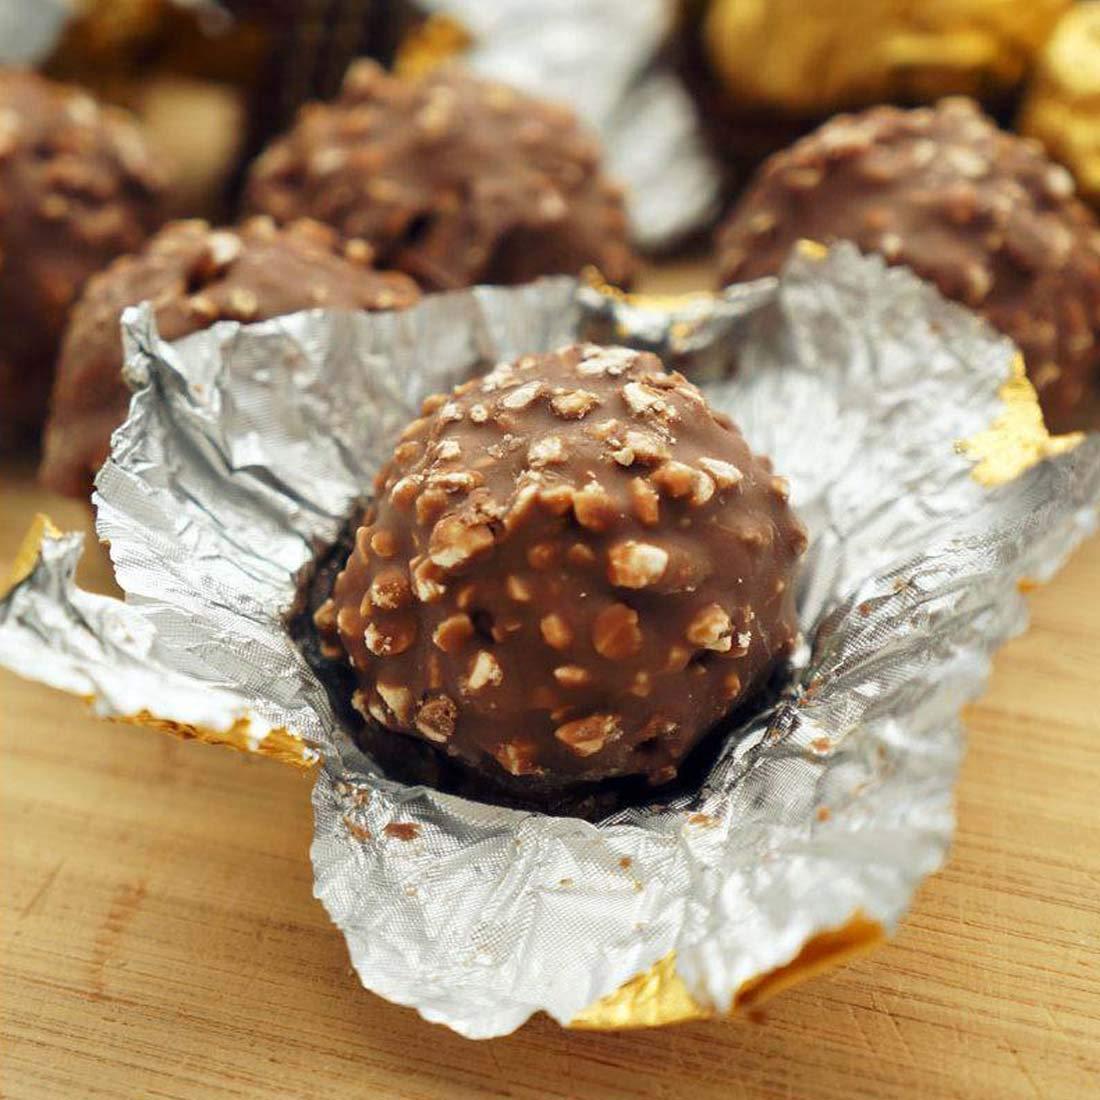 خرید شکلات کادویی فررو روچر ایتالیا